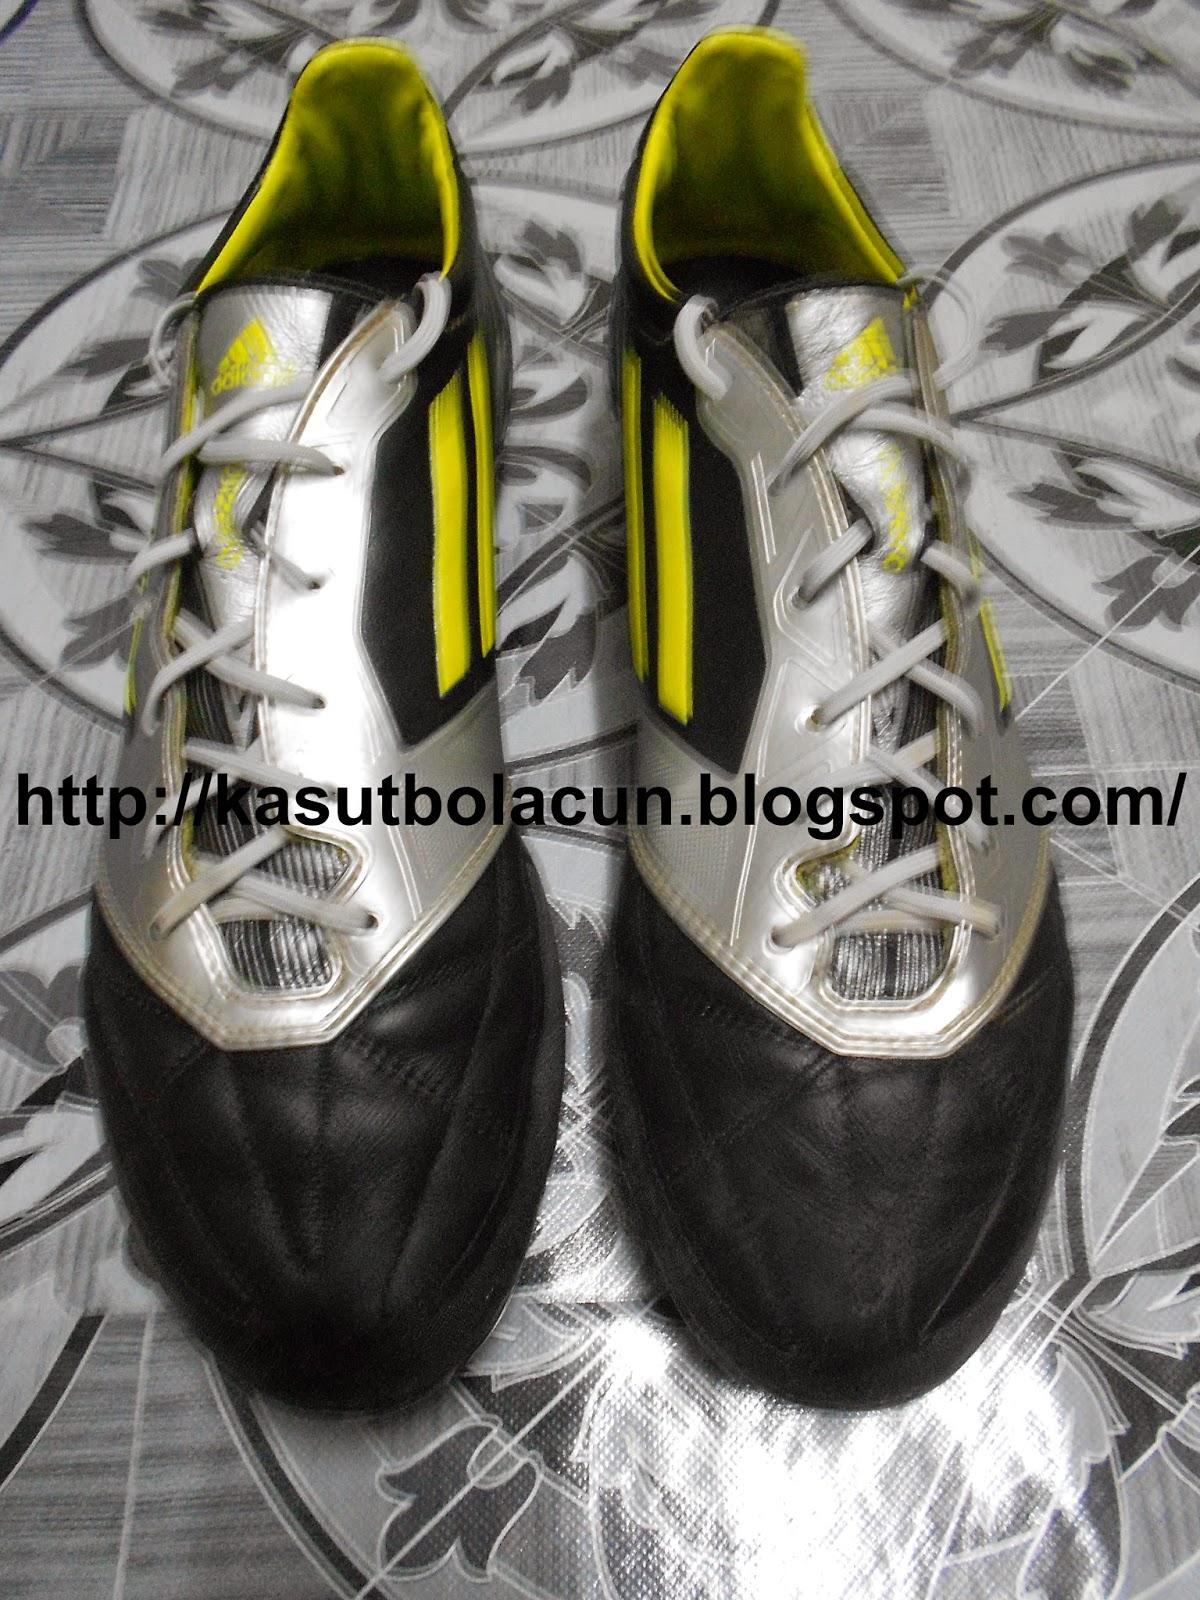 Adidas F50 Adizero Micoach 1 FG